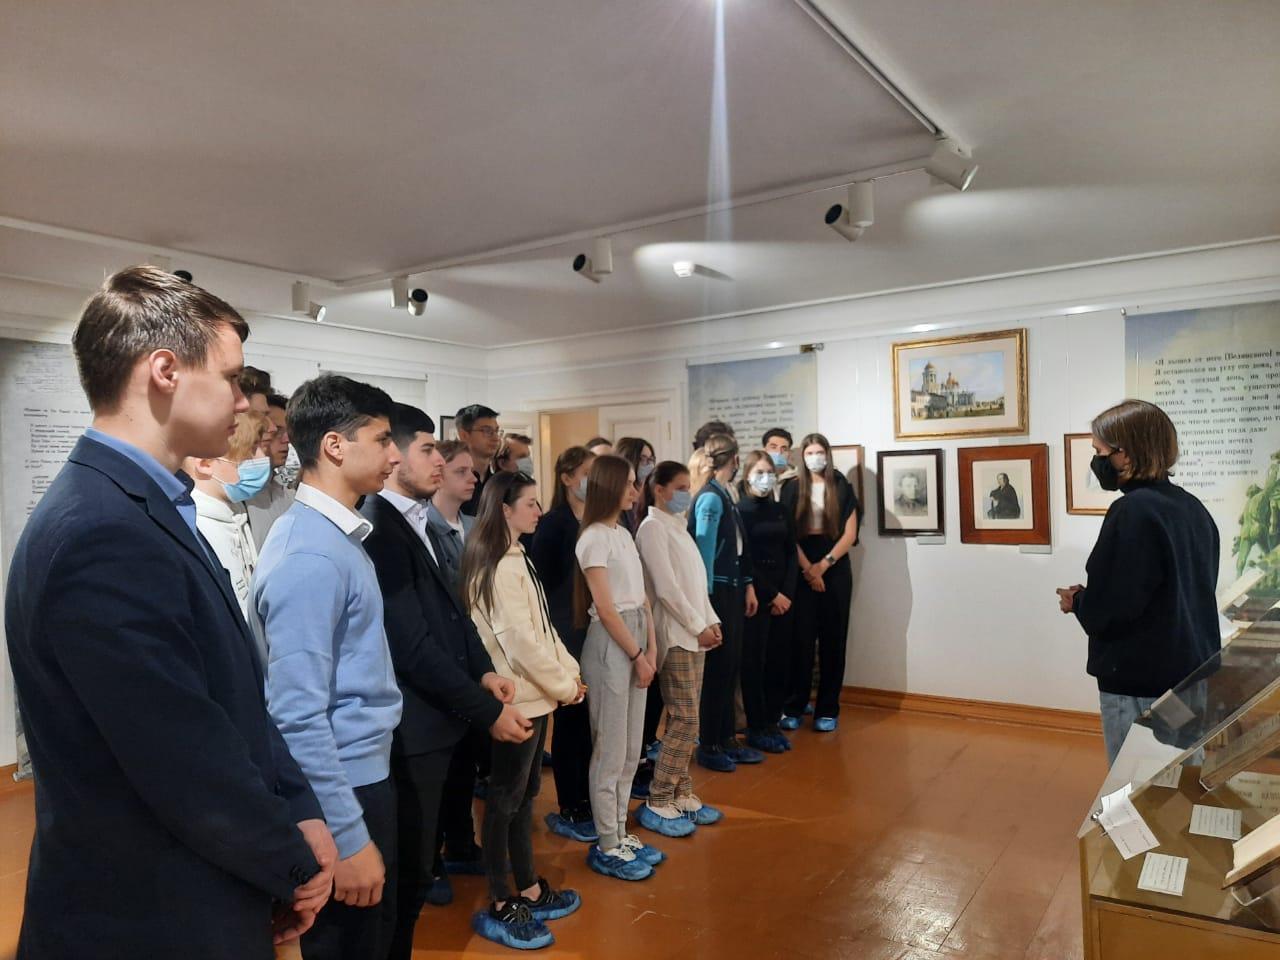 Выставка, посвященная 200-летию Некрасова и Достоевского, открылась в музее-заповеднике «Карабиха»